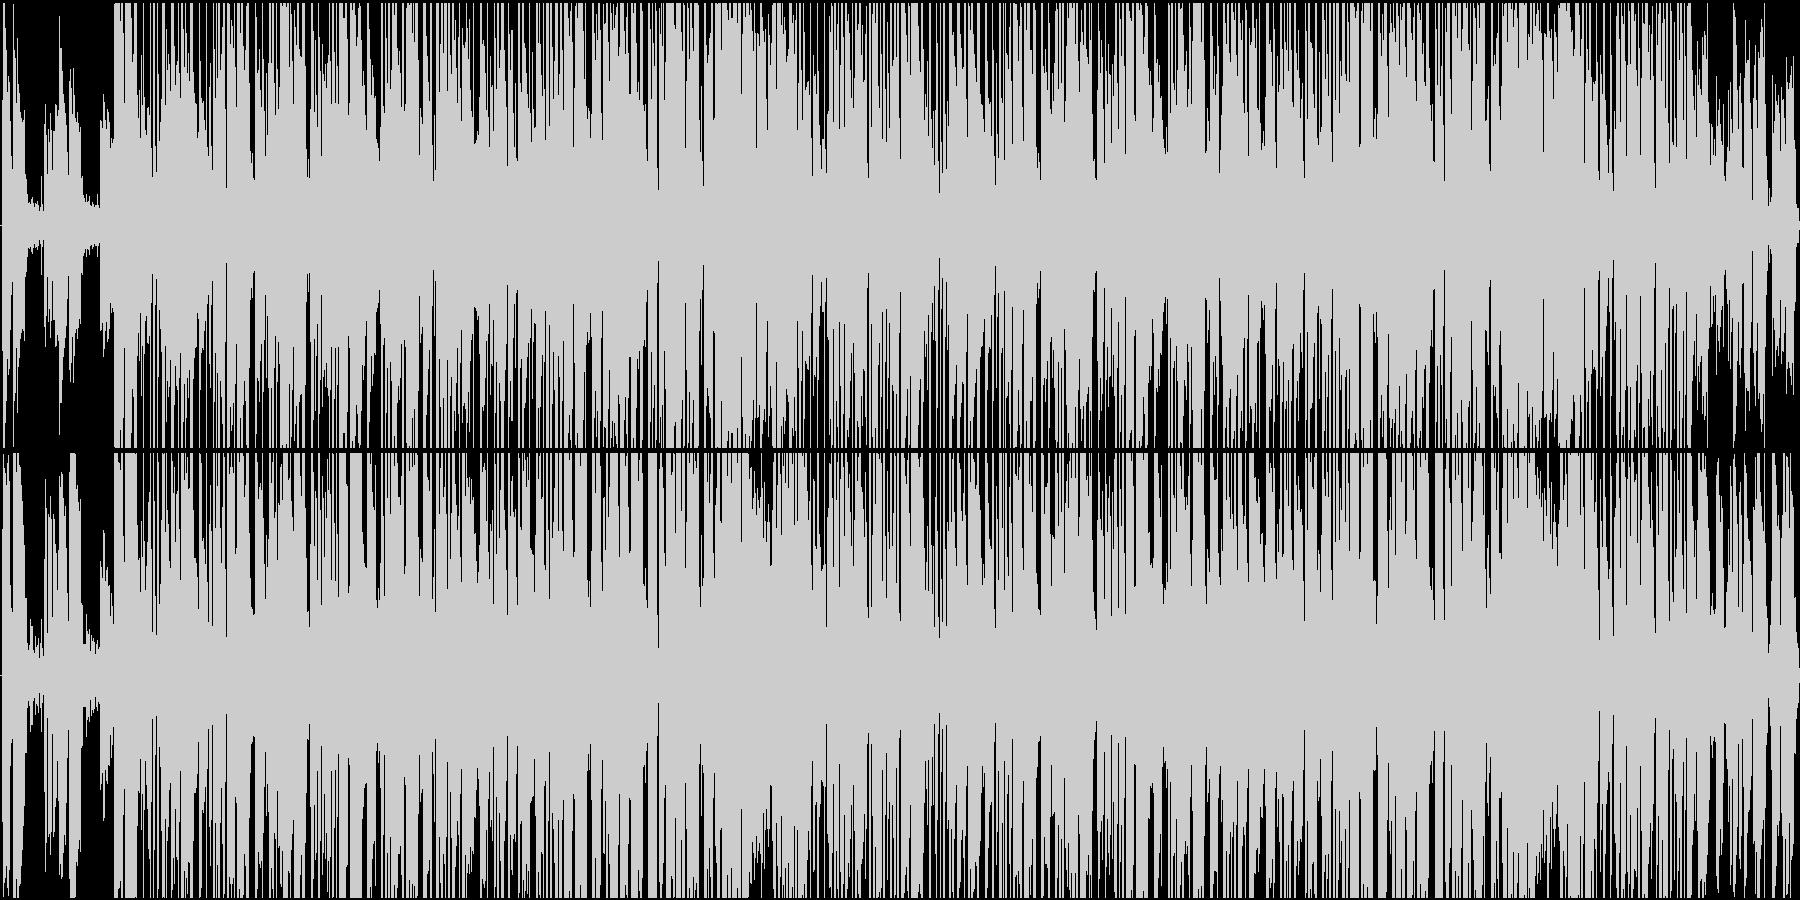 大人な雰囲気のスムースジャズの未再生の波形